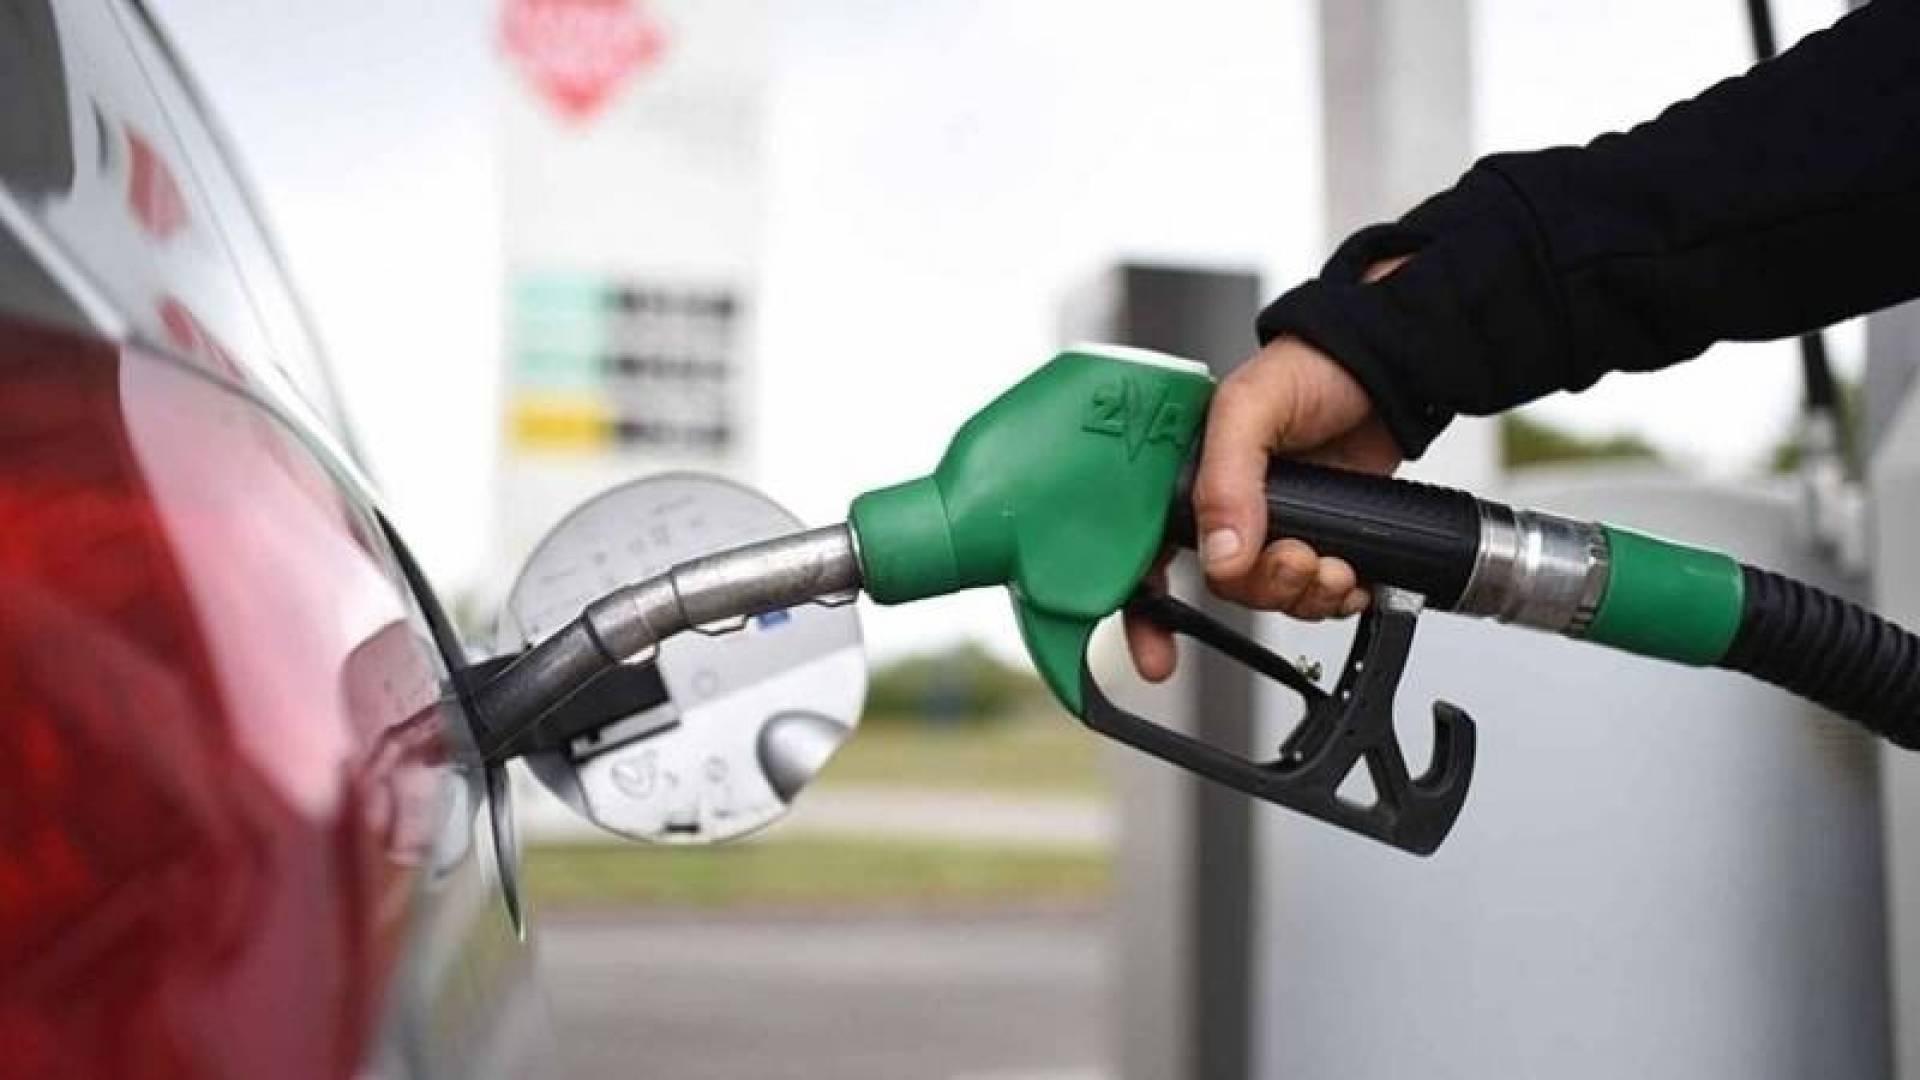 سعر البنزين اليوم لشهر يونيو 2021 في السعودية تعرف عليه ...